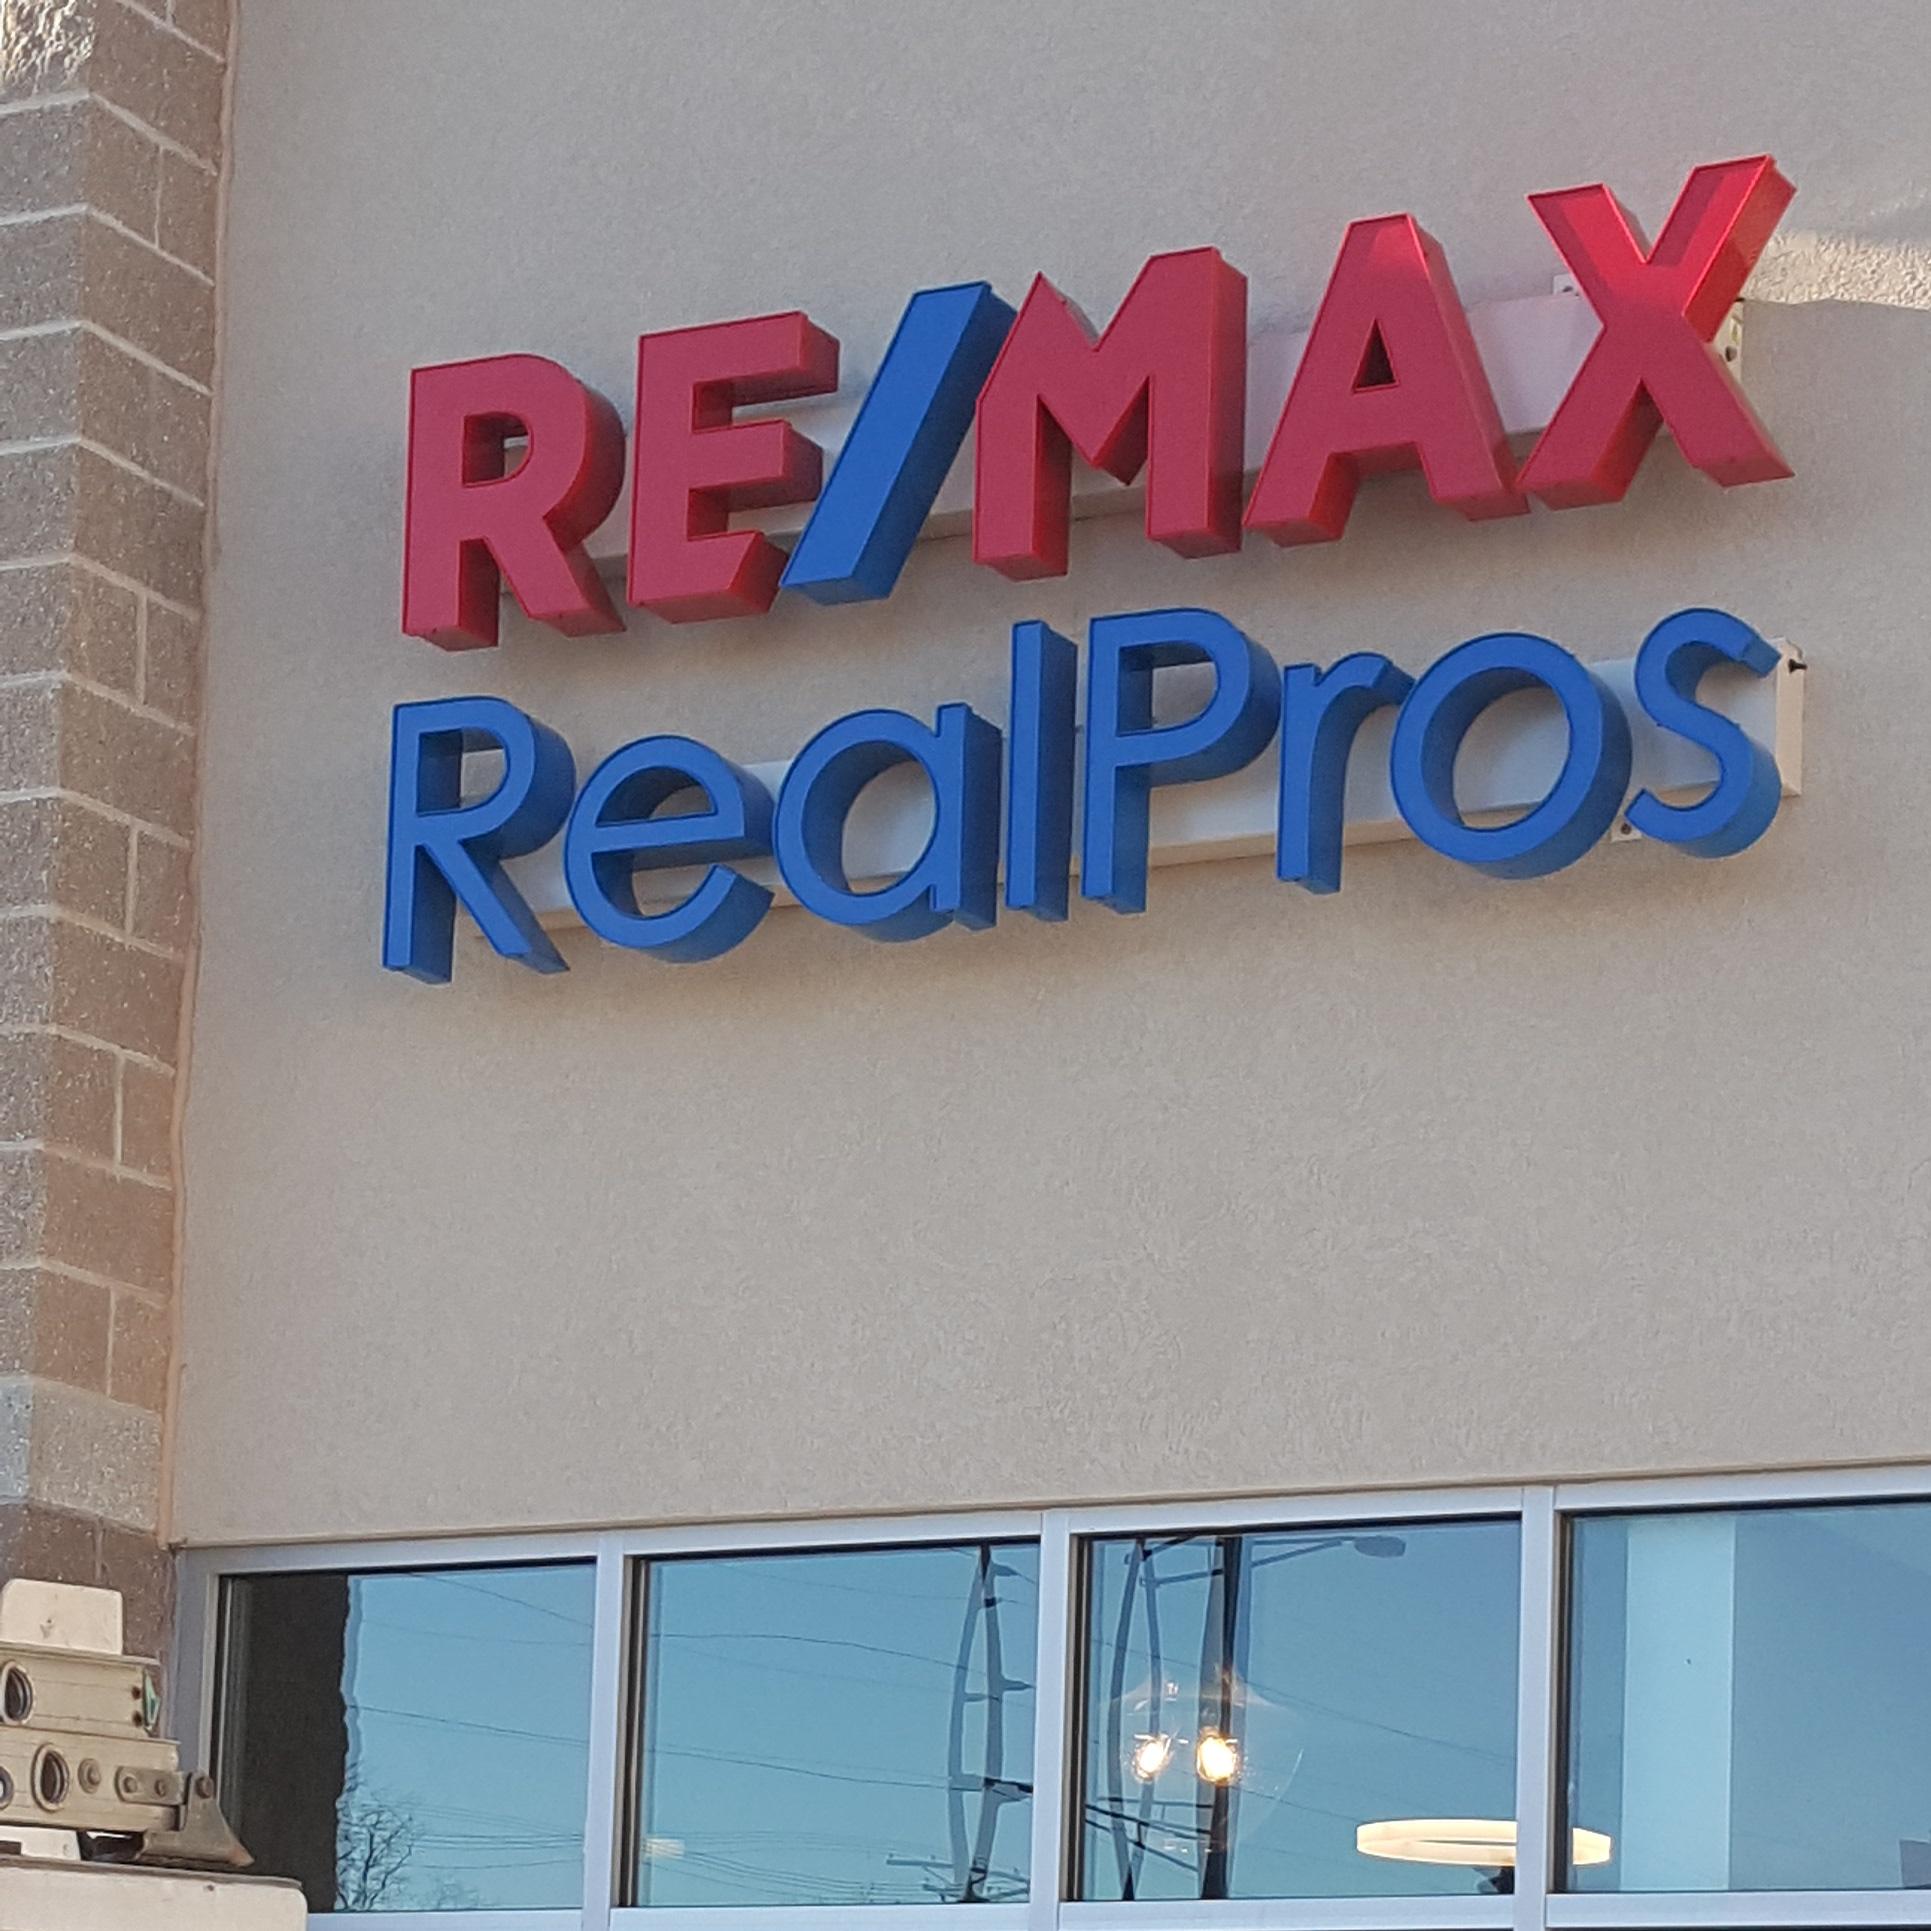 RE/MAX RealPros